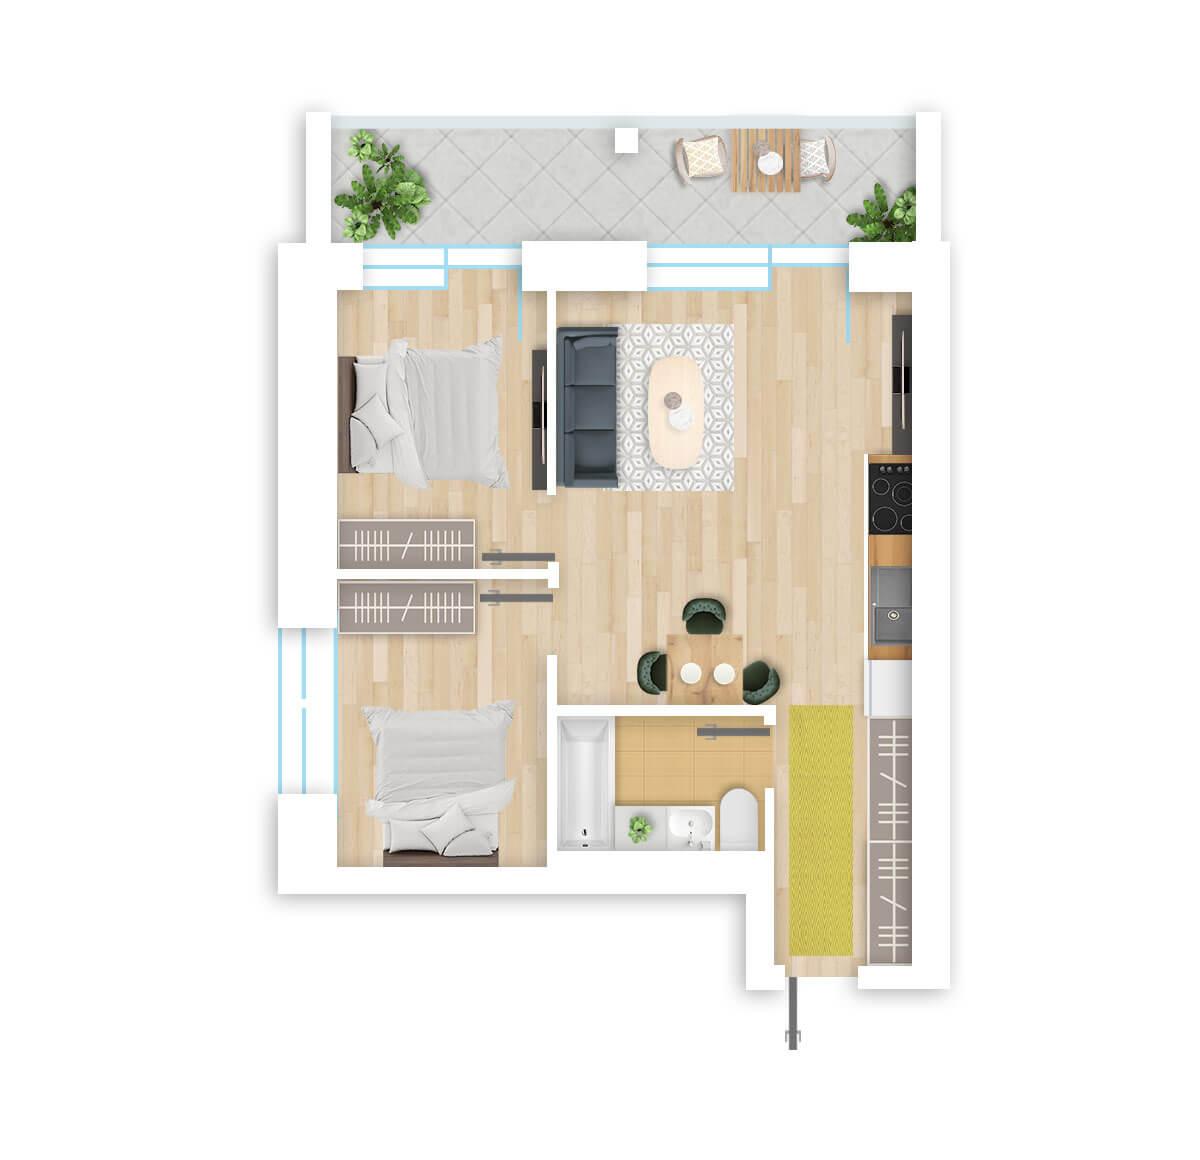 parduodamas butas Lazdynėlių g. 16B - 3 Vilniuje, buto 3D vaizdas